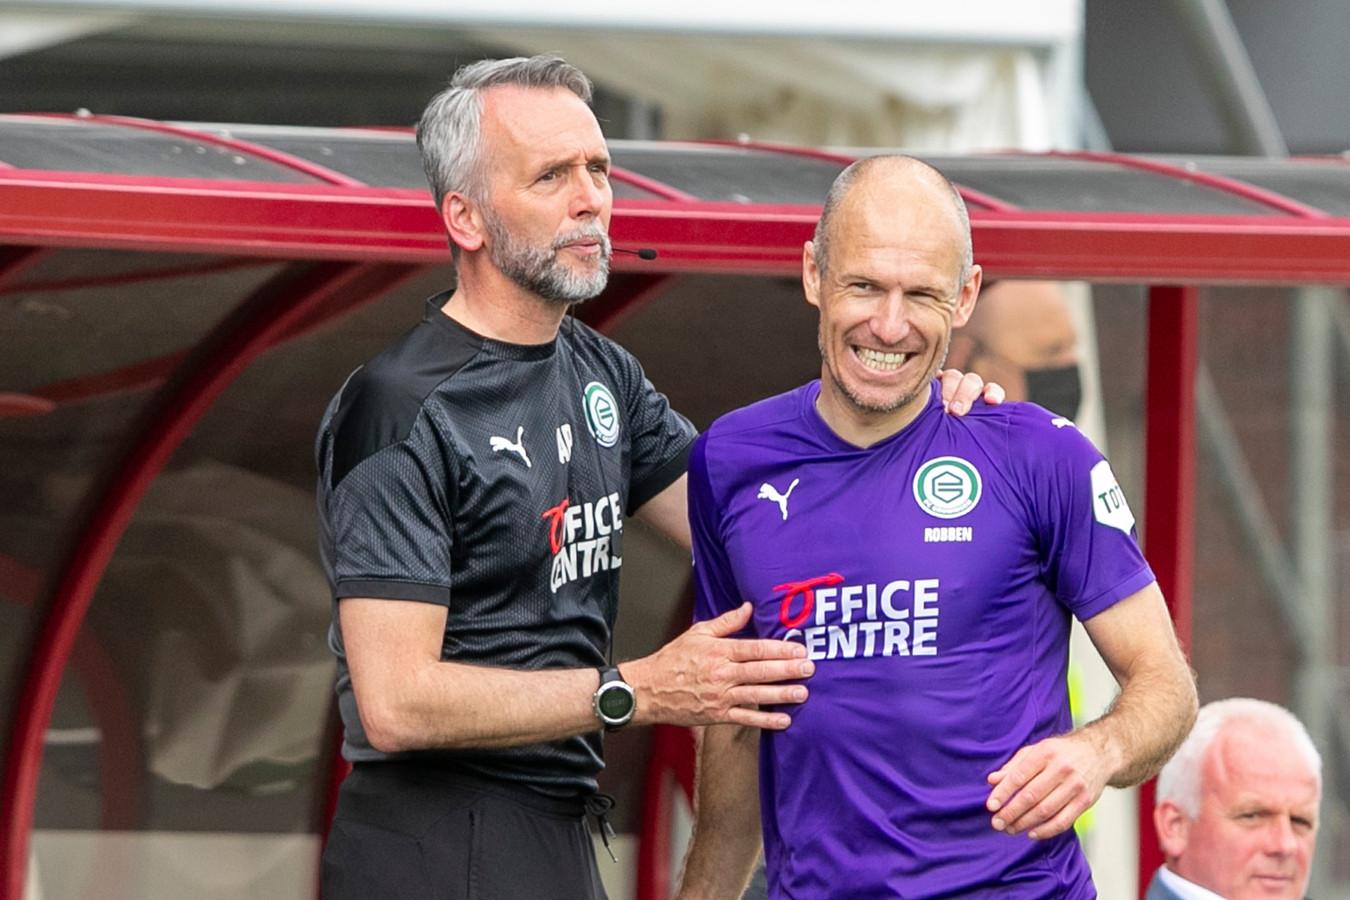 Arjen Robben gaat na zijn wissel met een grote grijns van het veld. Links: assistent-coach Adrie Poldervaart    during the match Emmen - Groningen